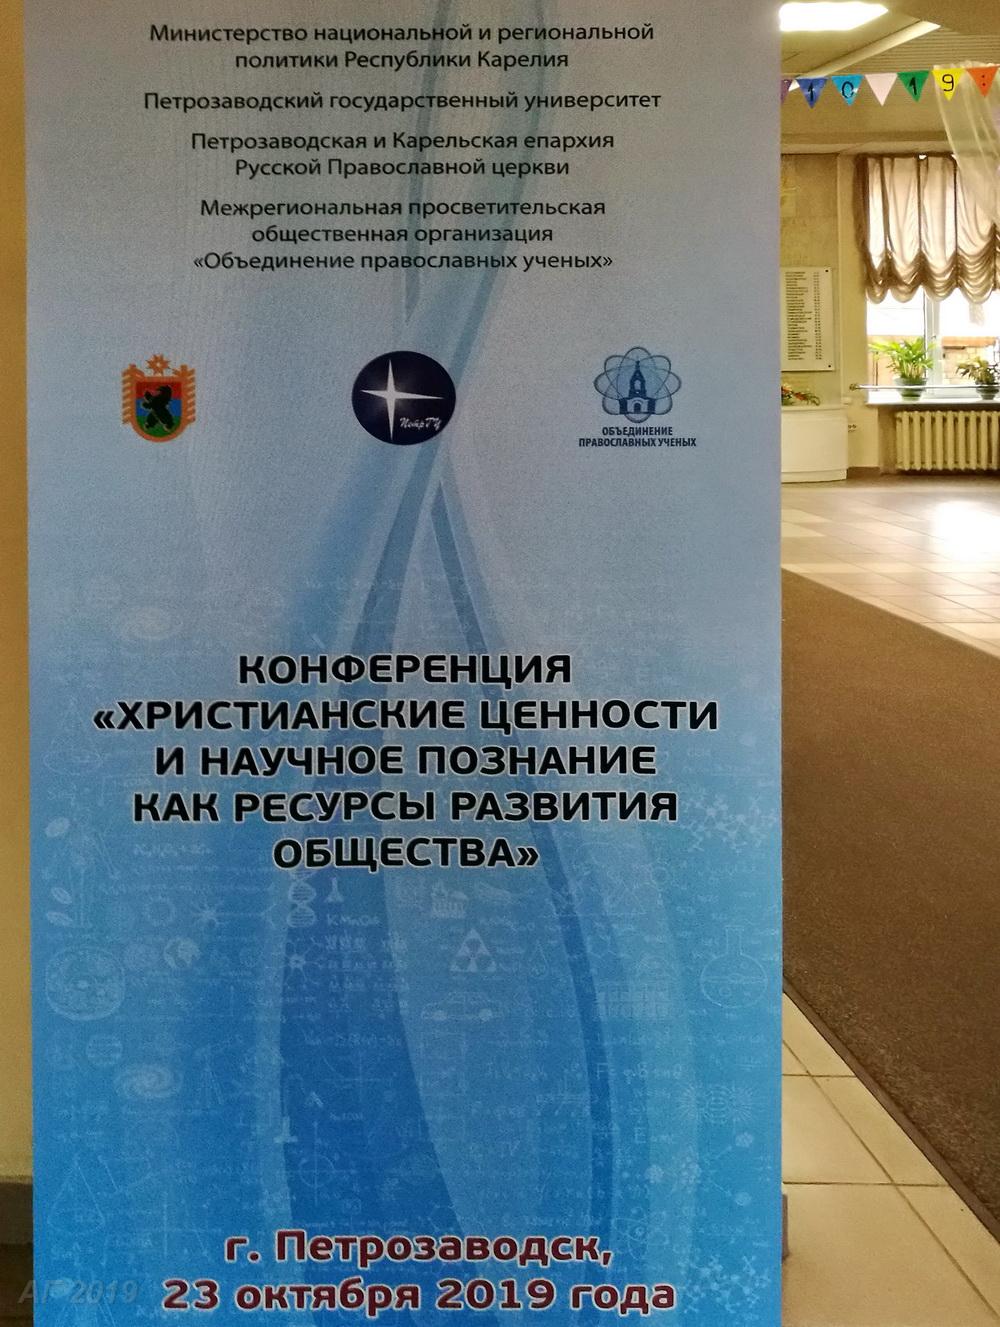 Конференция «Христианские ценности и научное познание как ресурсы развития общества», Петрозаводск, ПГУ, 23.10.2019